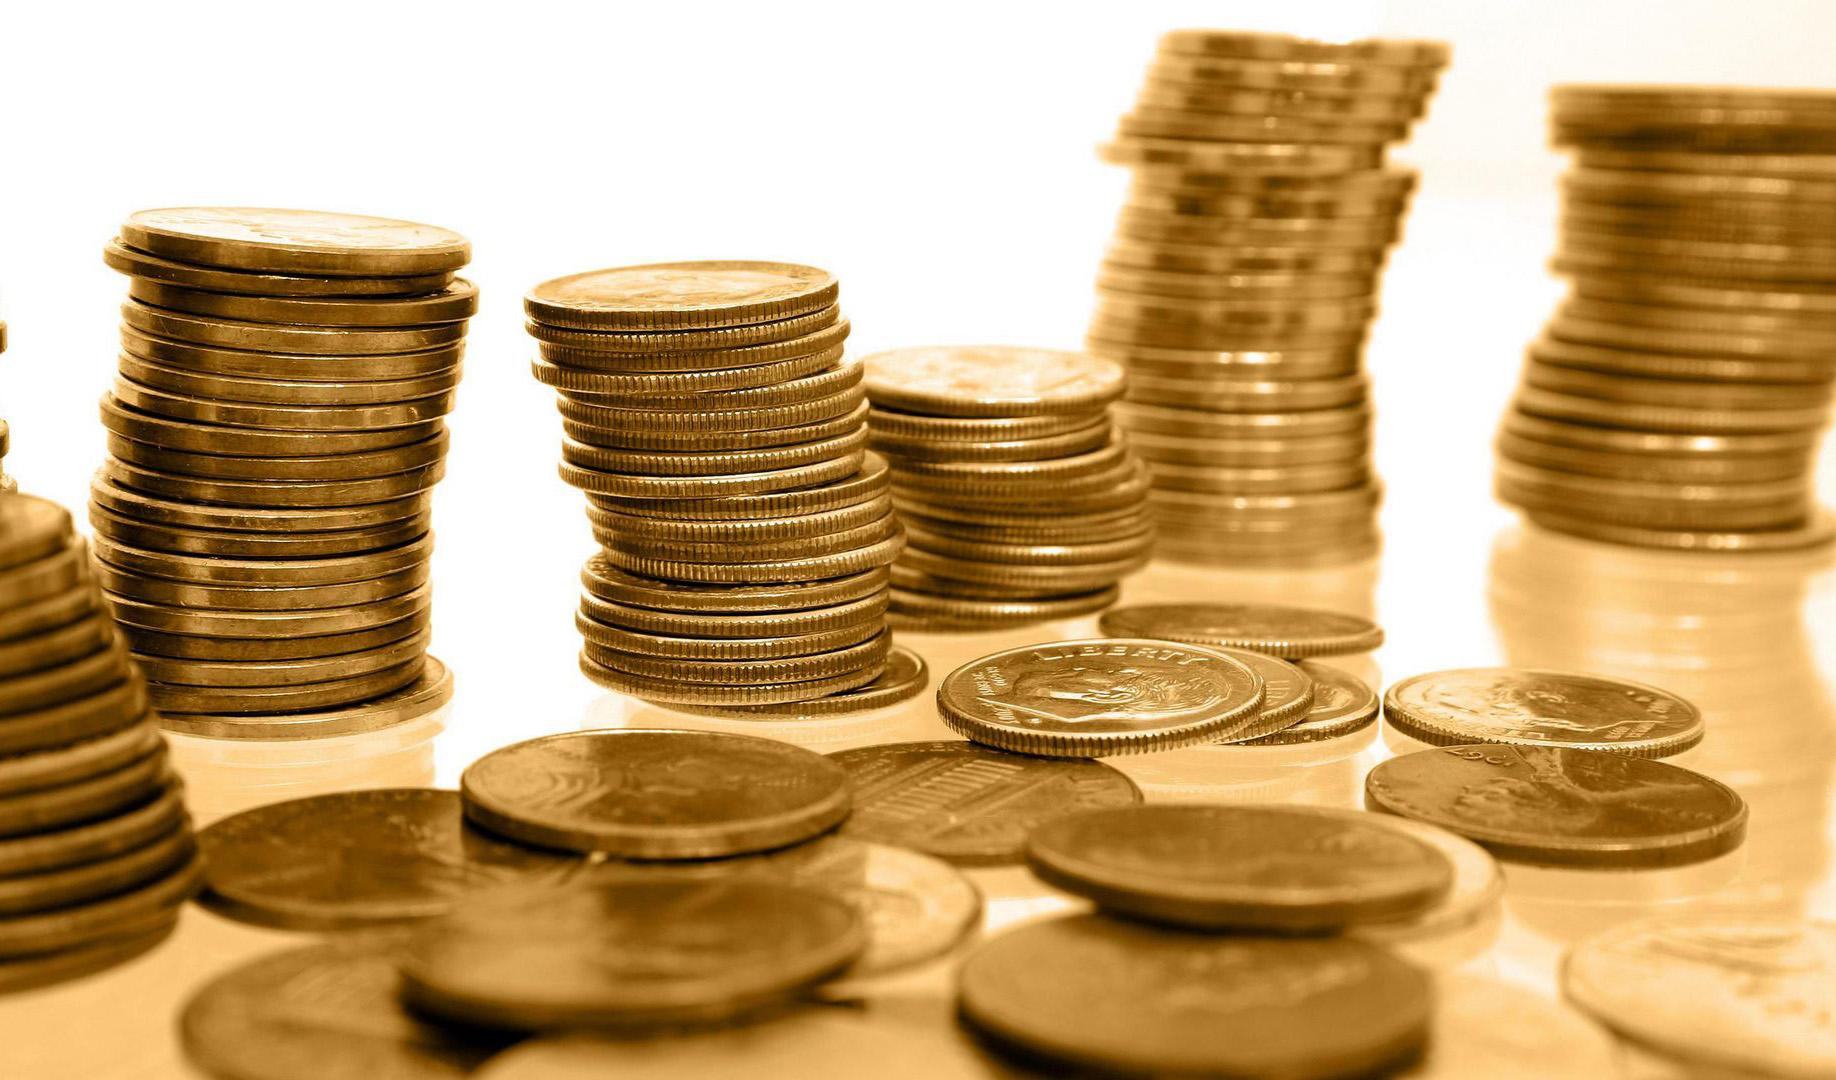 اظهارات رئیس اتحادیه فروشندگان طلا و جواهر در خصوص نوسانات قیمتی بازار